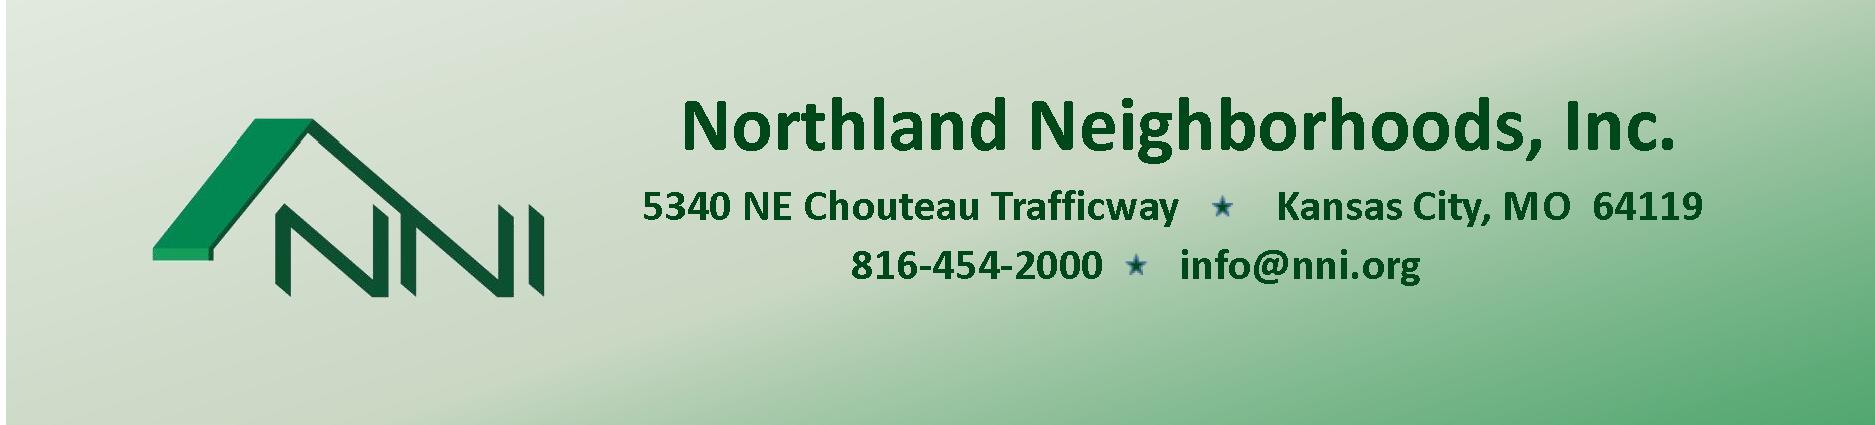 Northland Neighborhoods, Inc.